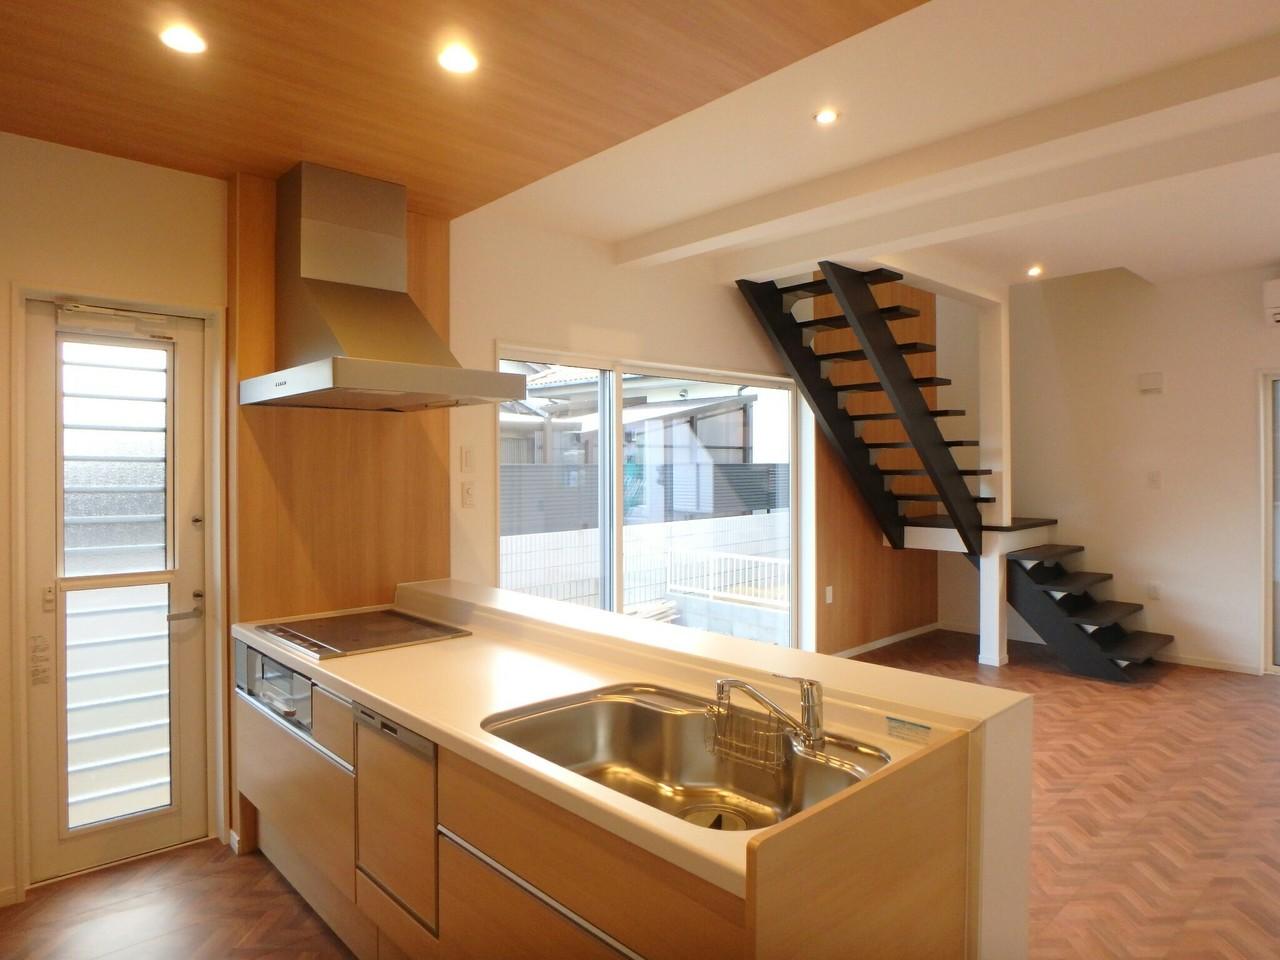 キッチンからはリビング、階段、庭が一望できます。 キッチンの色合いとリビングの床の色合いが統一されていて とってもおしゃれな空間となっています。